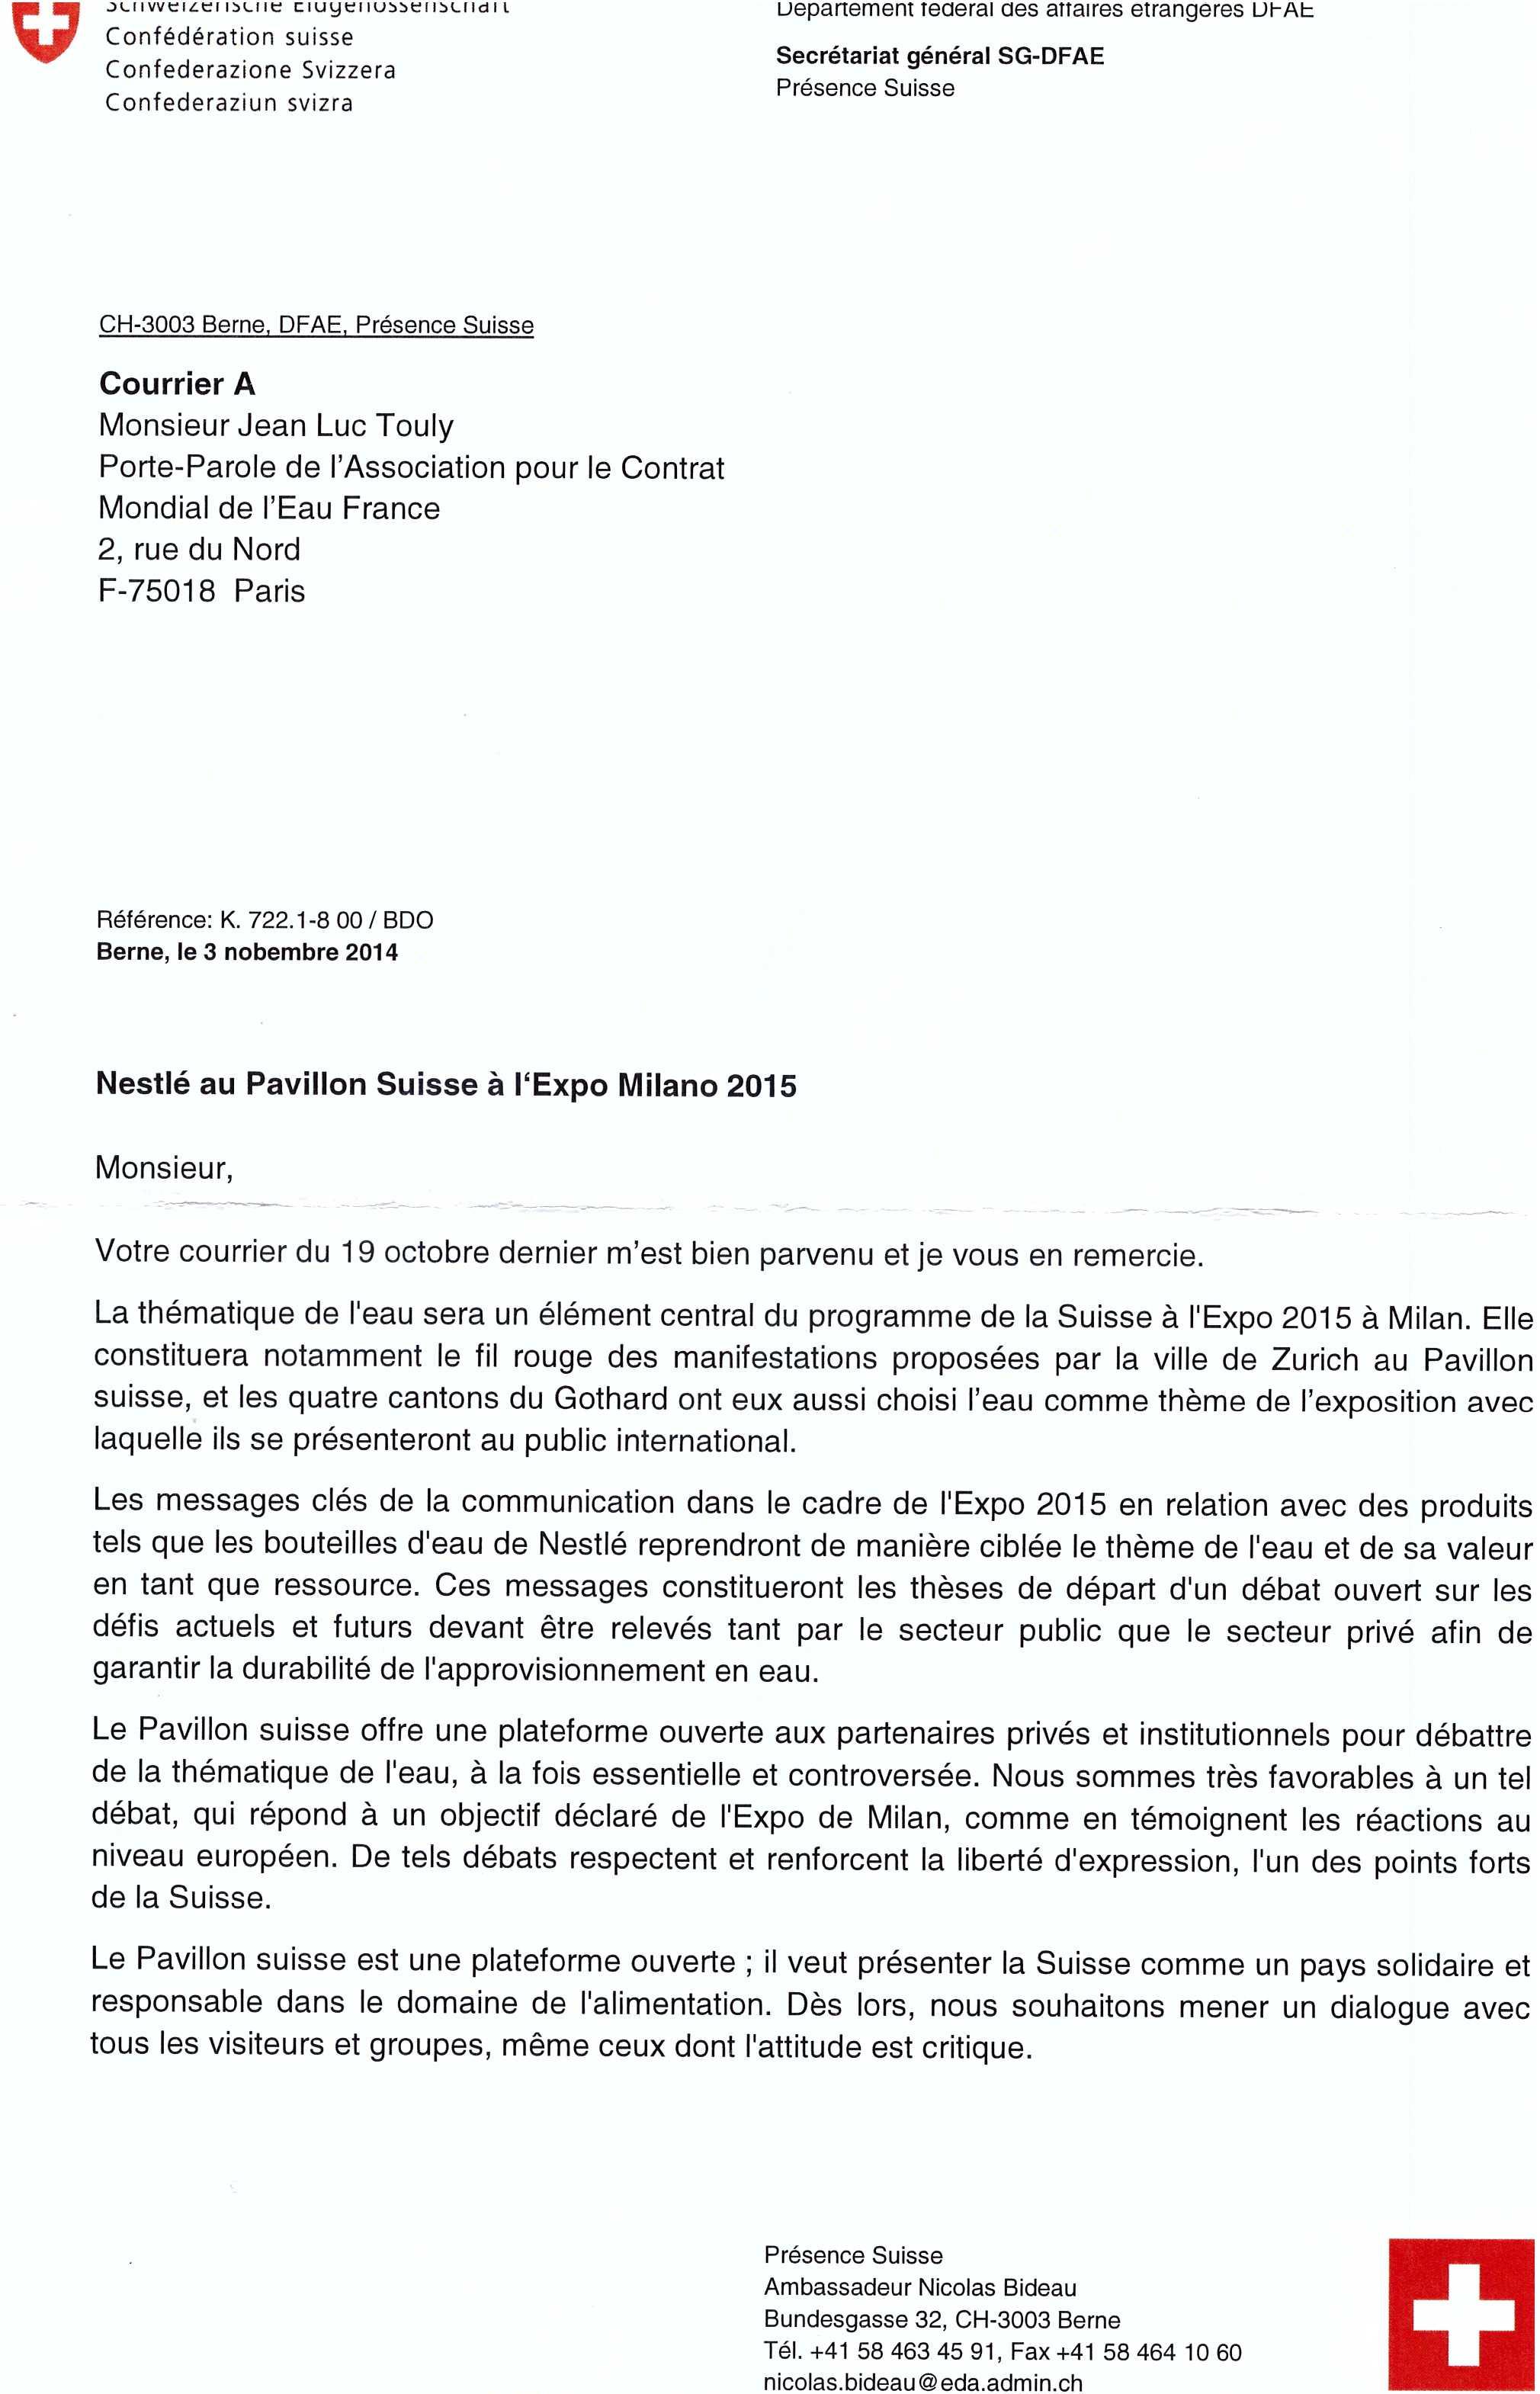 Réponse de l'ambassadeur de Présence suisse Nicolas Bideau sur la présence de Nestlé au porte parole de l'ACME France